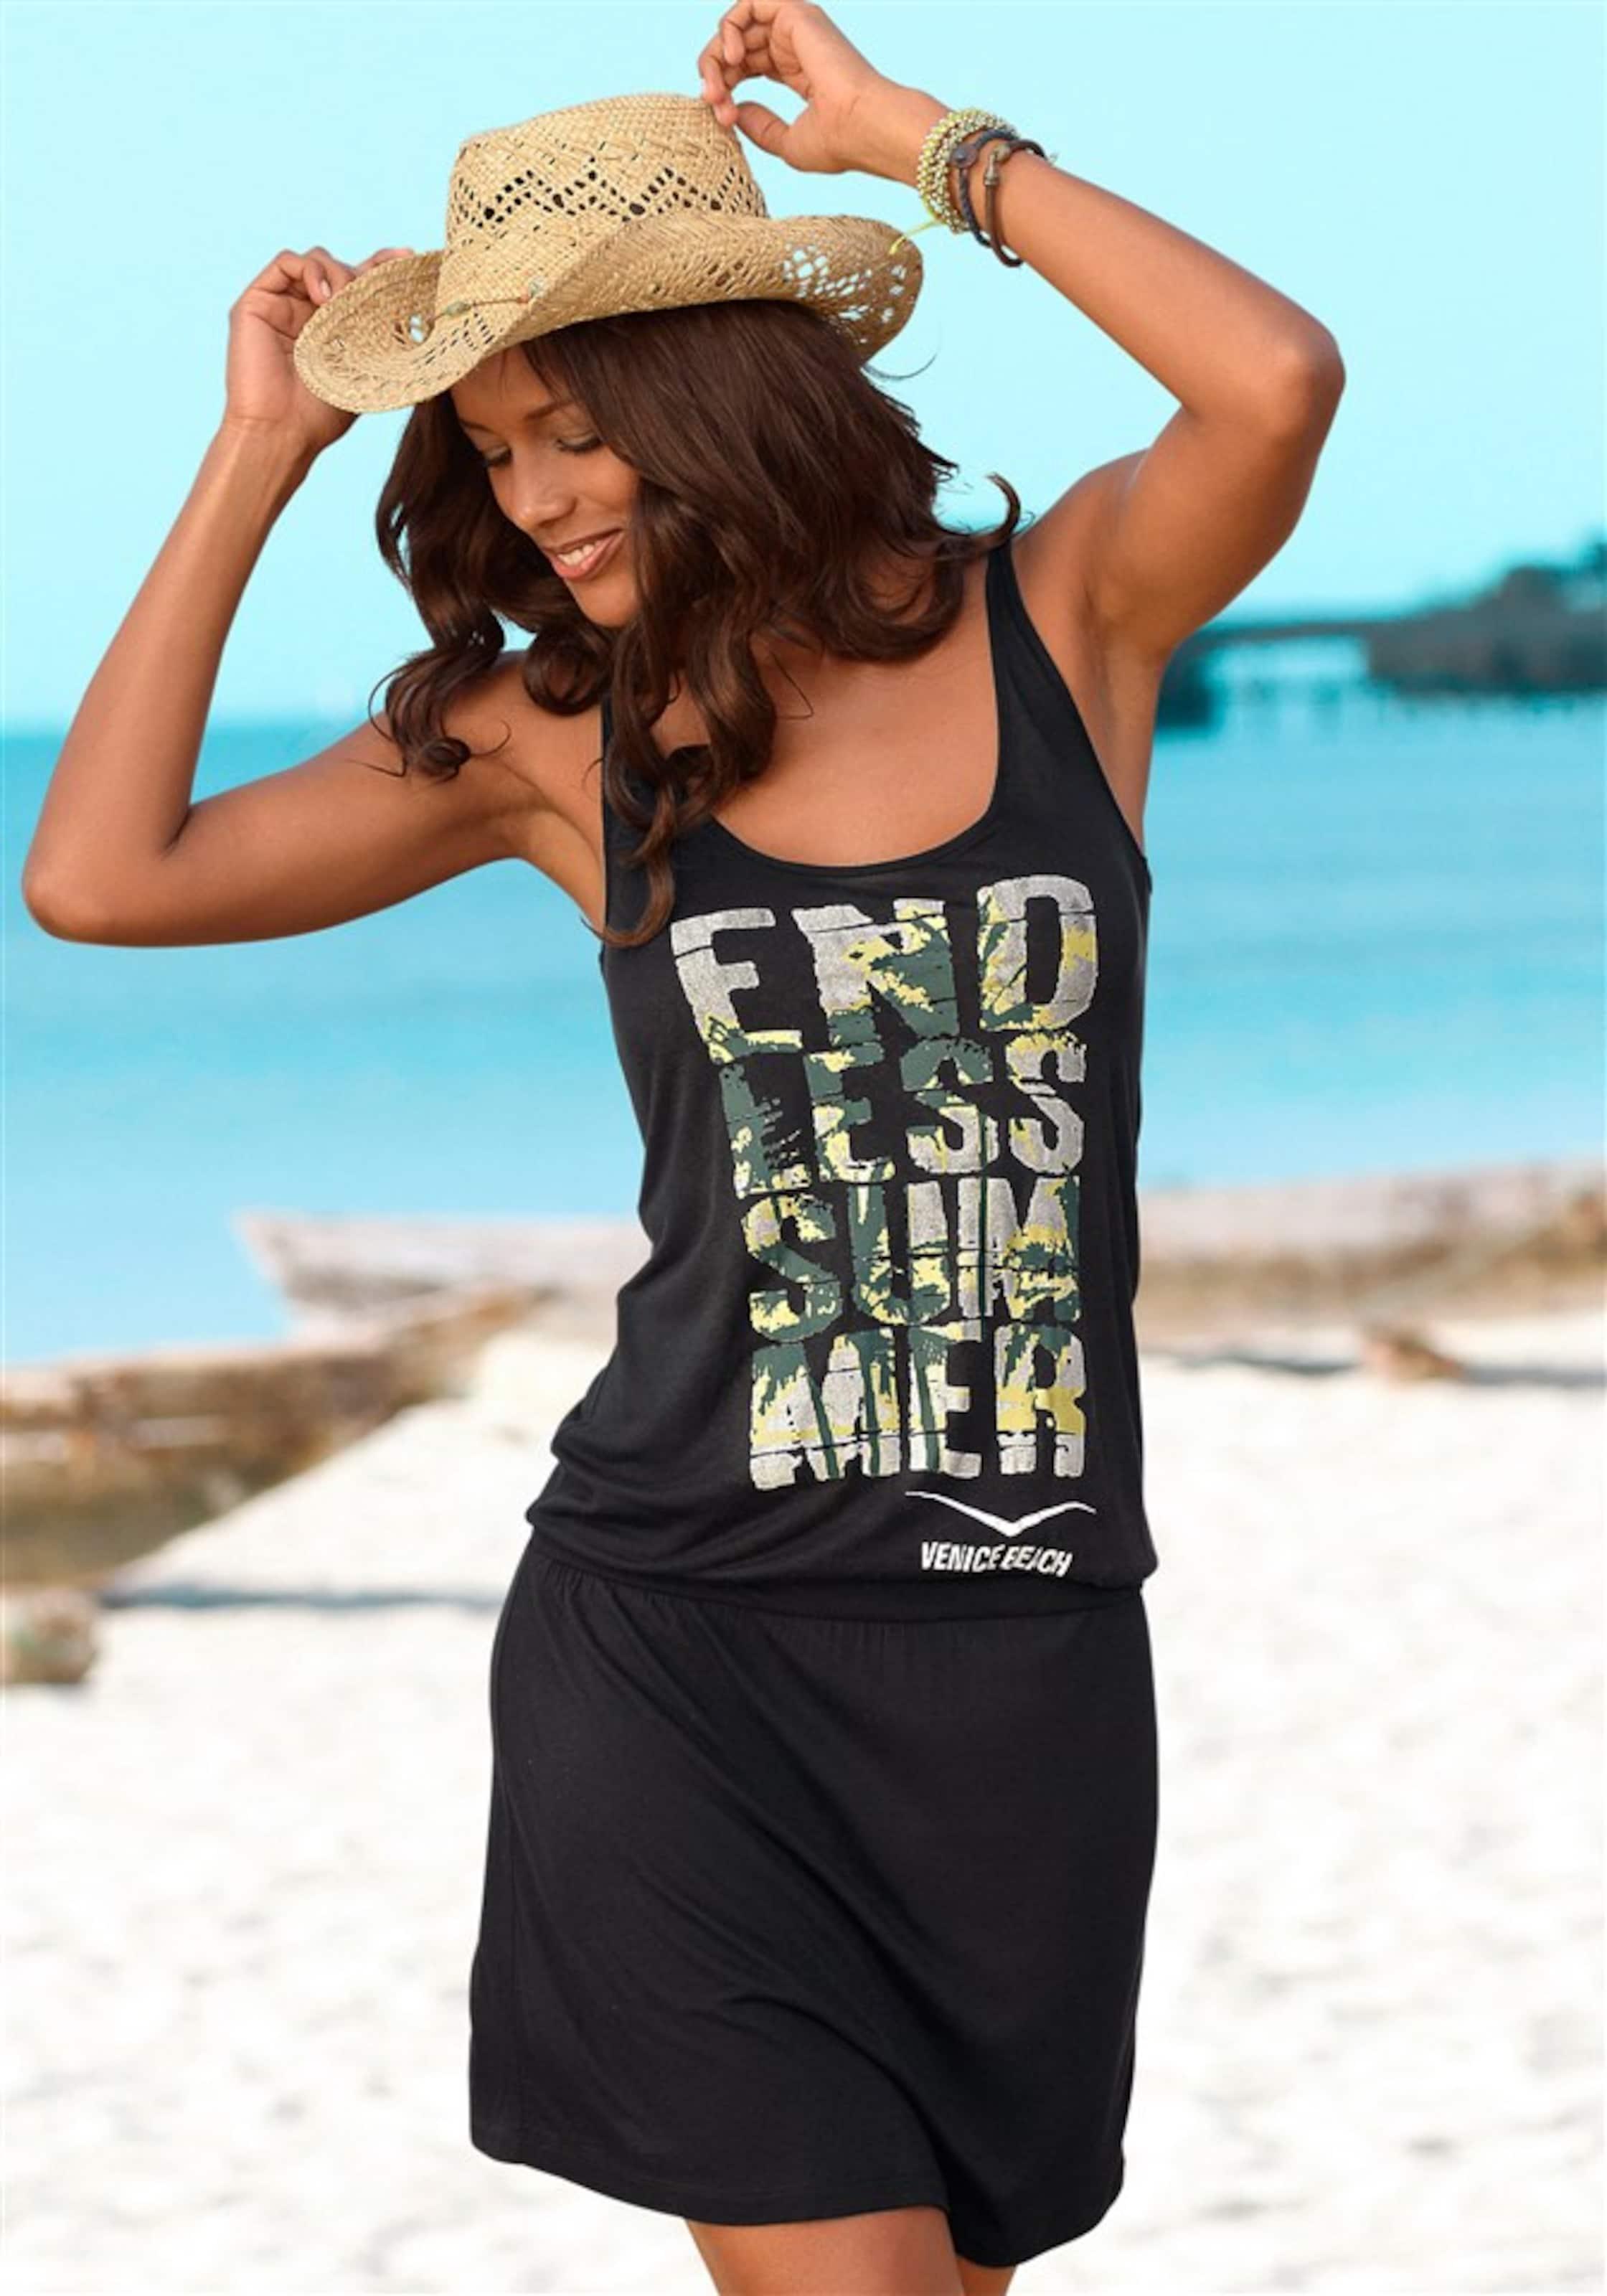 VENICE BEACH Strandkleid Billig Verkauf Ausgezeichnet Rabatt Billigsten Billig Sehr Billig x1xUyVV